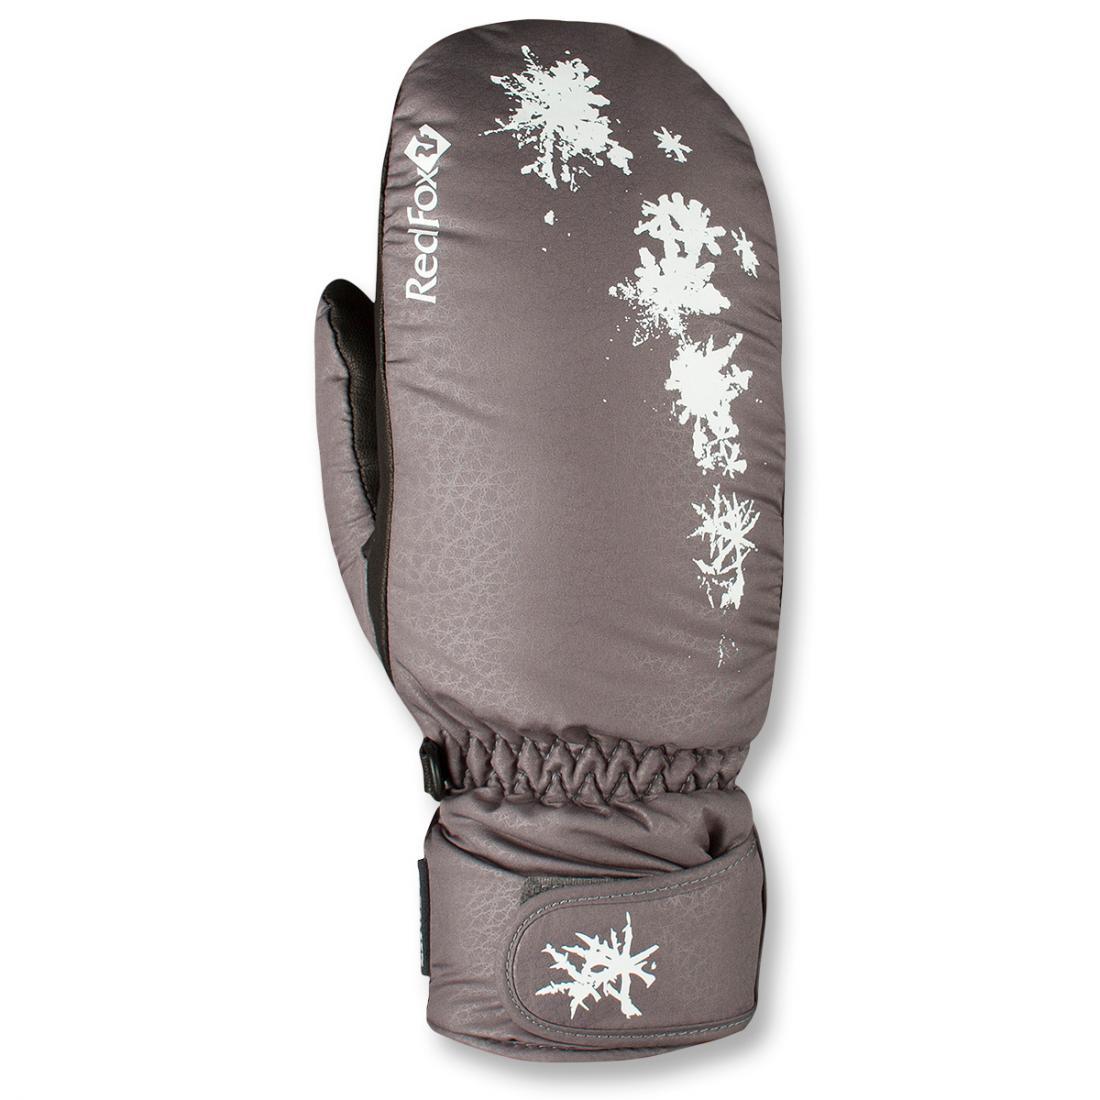 Рукавицы утепленные Paradise II ЖенскиеВарежки<br><br> Прогулочные утепленные рукавицы с ярким дизайном<br><br><br> Основные характеристики<br><br><br>манжет с регулировкой объема на липучке<br>усиления в области ладони<br>карабин для крепления рукавиц к одежде или ме...<br><br>Цвет: Бежевый<br>Размер: S